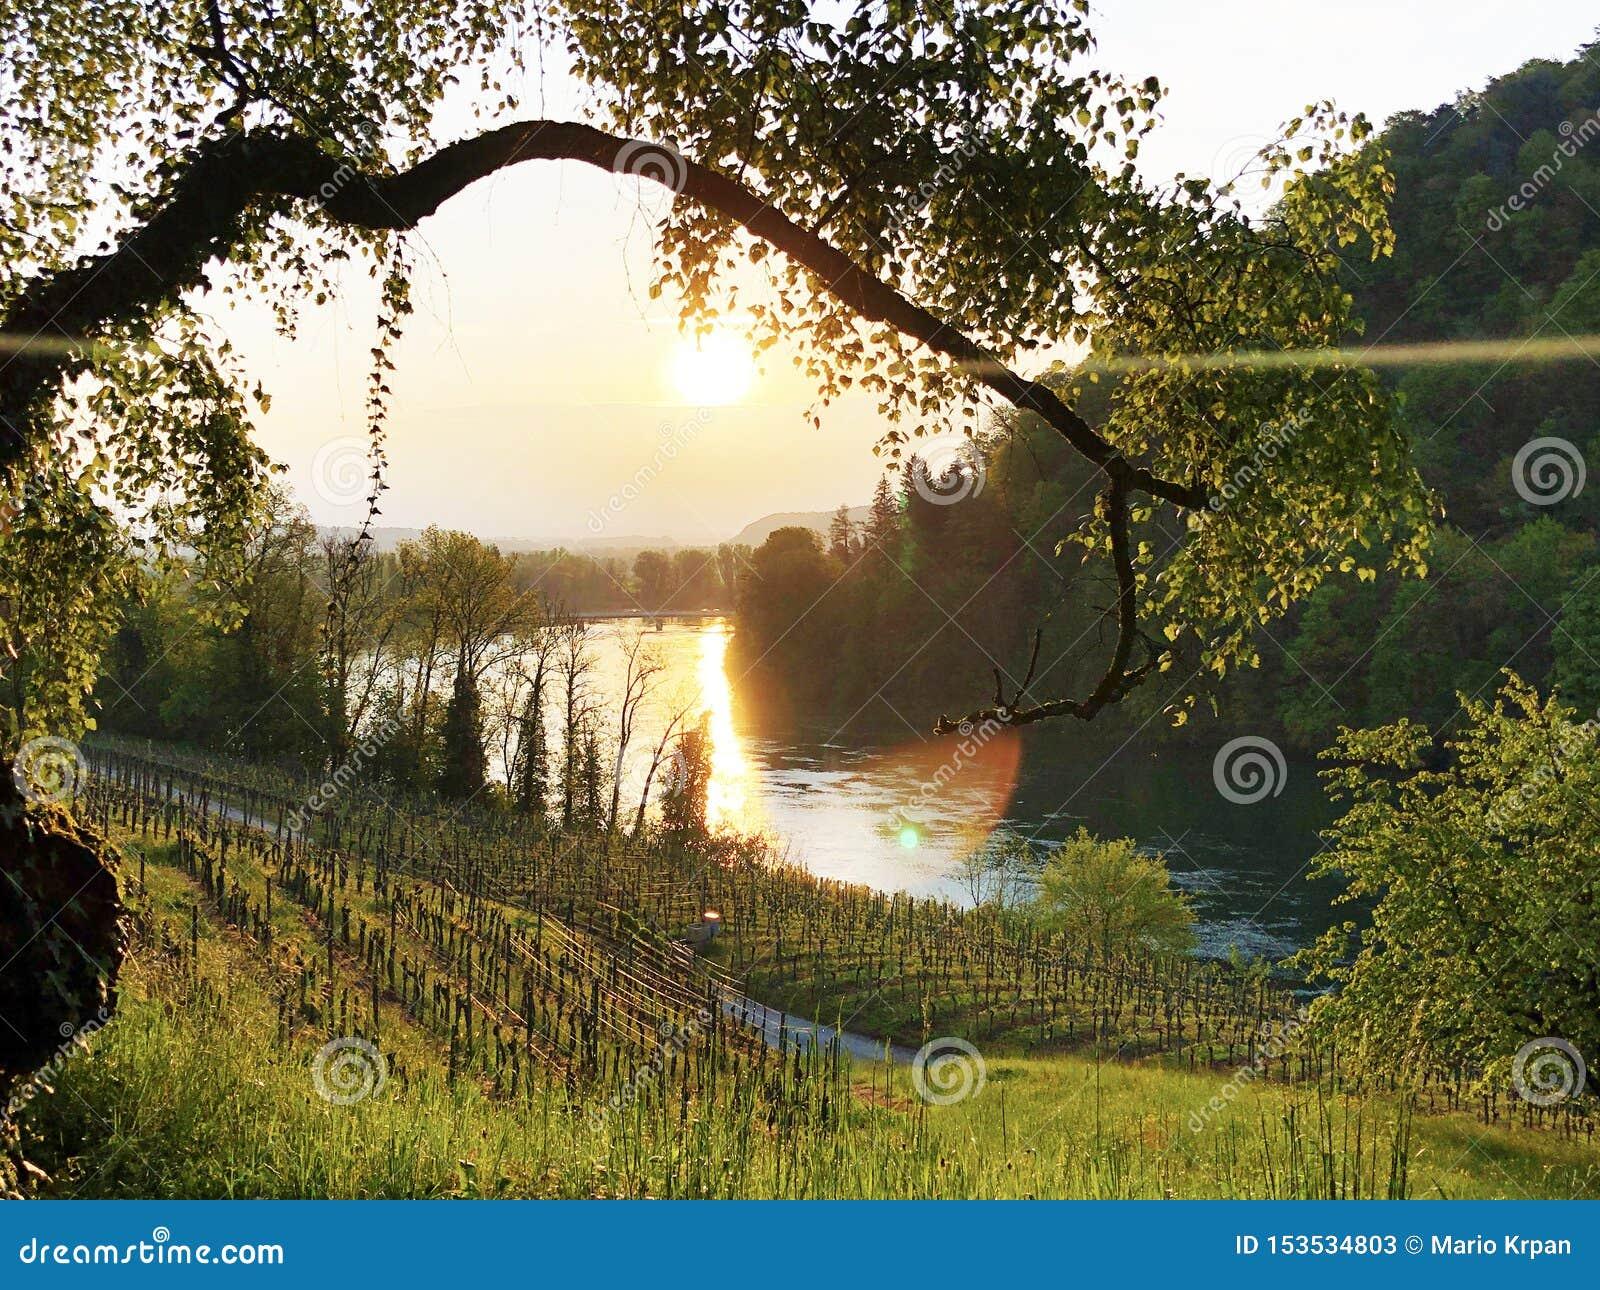 Fotogenieke wijngaarden en laaglandbossen in de Rijn-vallei, Buchberg